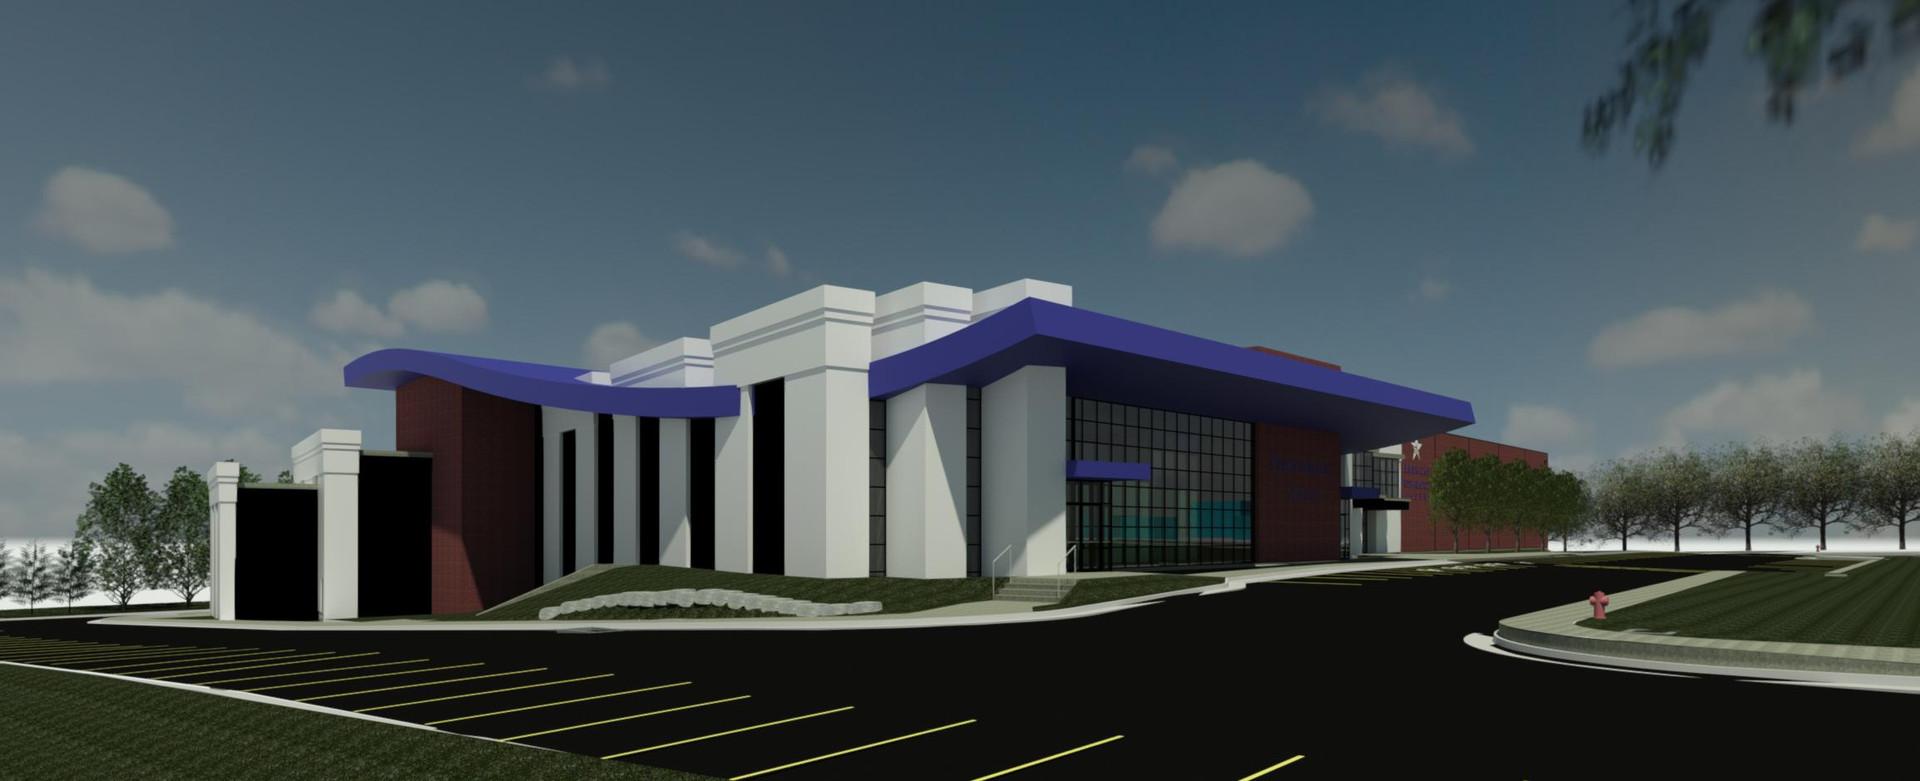 APA Auditorium-Draper Campus